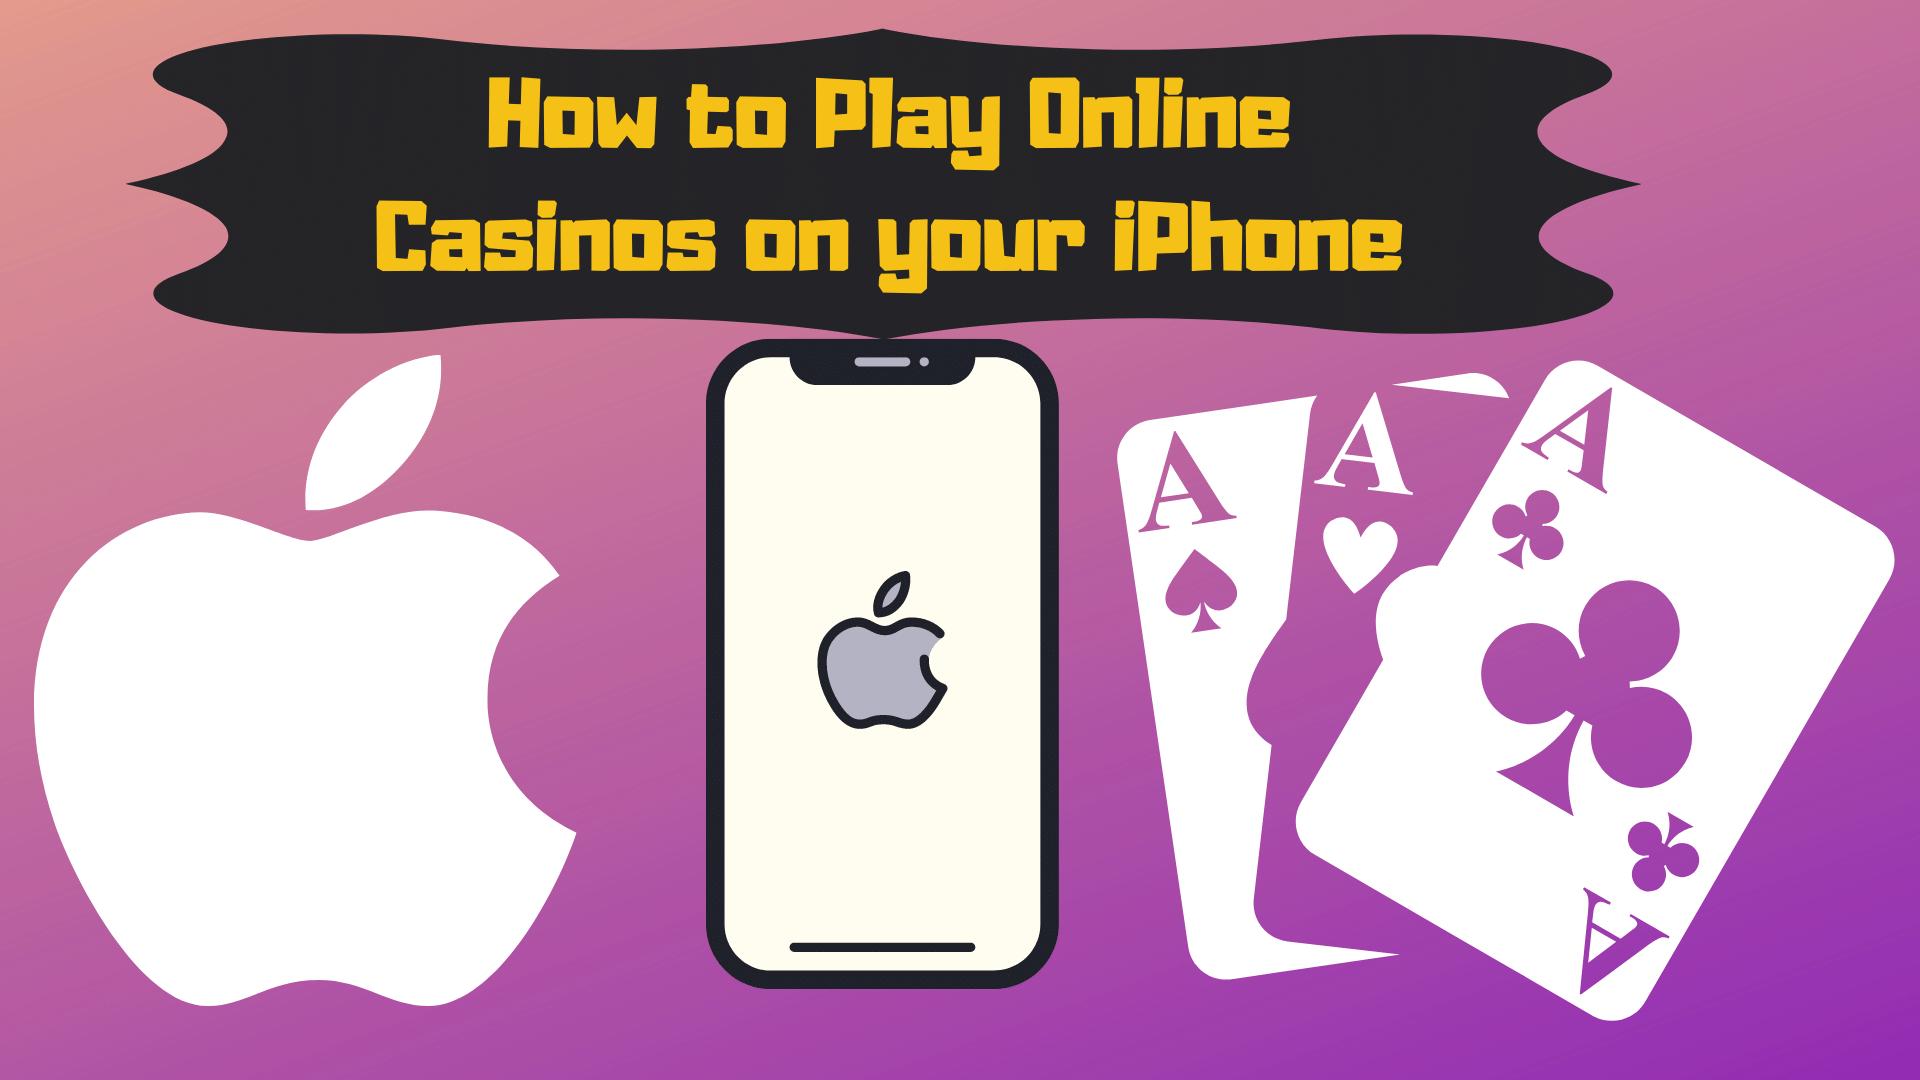 Cara Bermain Kasino Online Di Iphone Anda